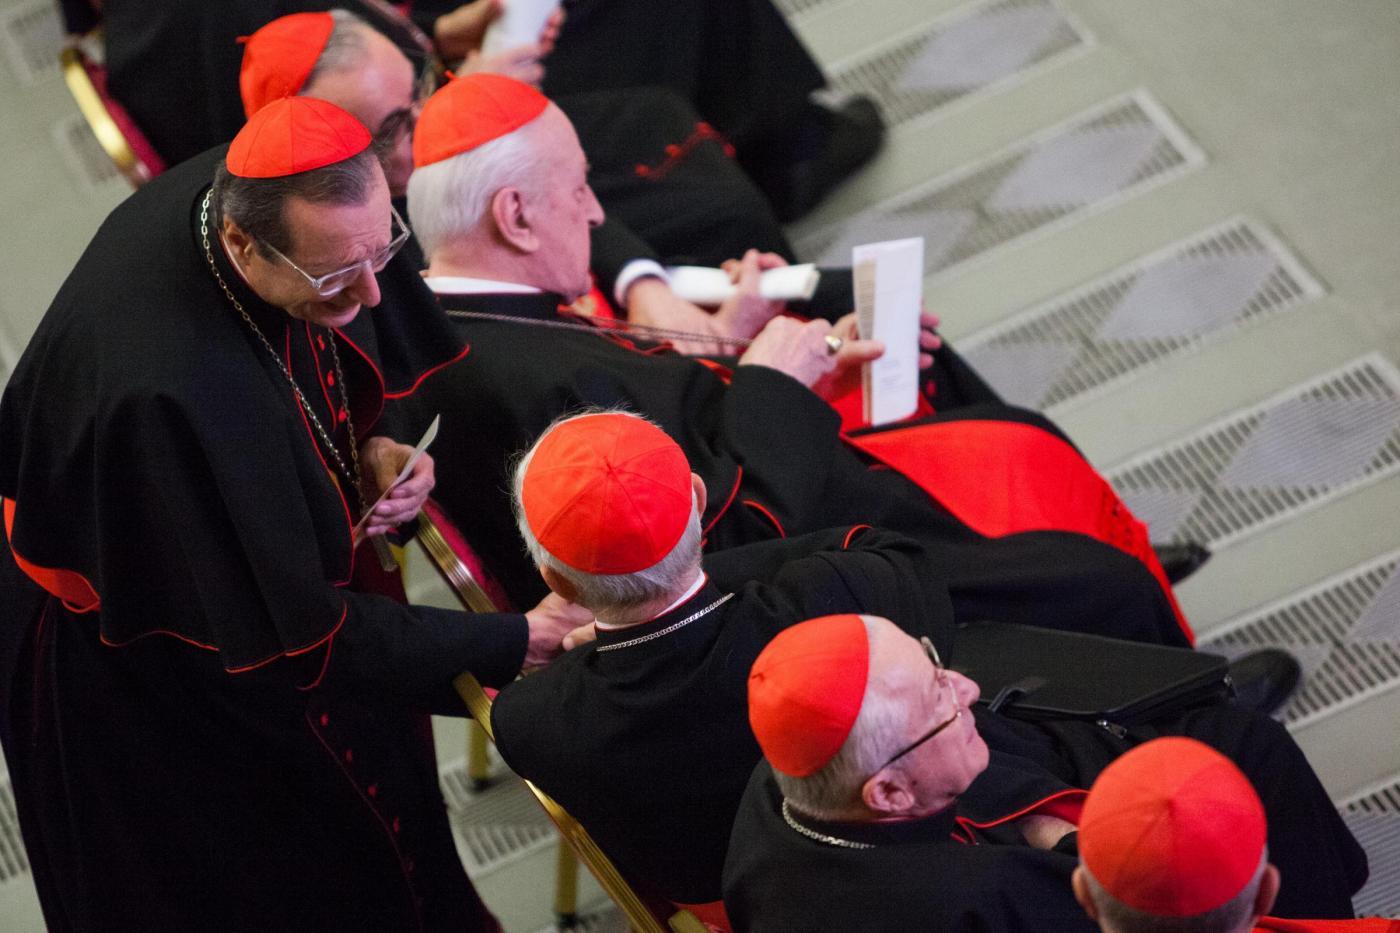 Famiglie in crisi economica: i vescovi pagheranno le bollette di luce e gas